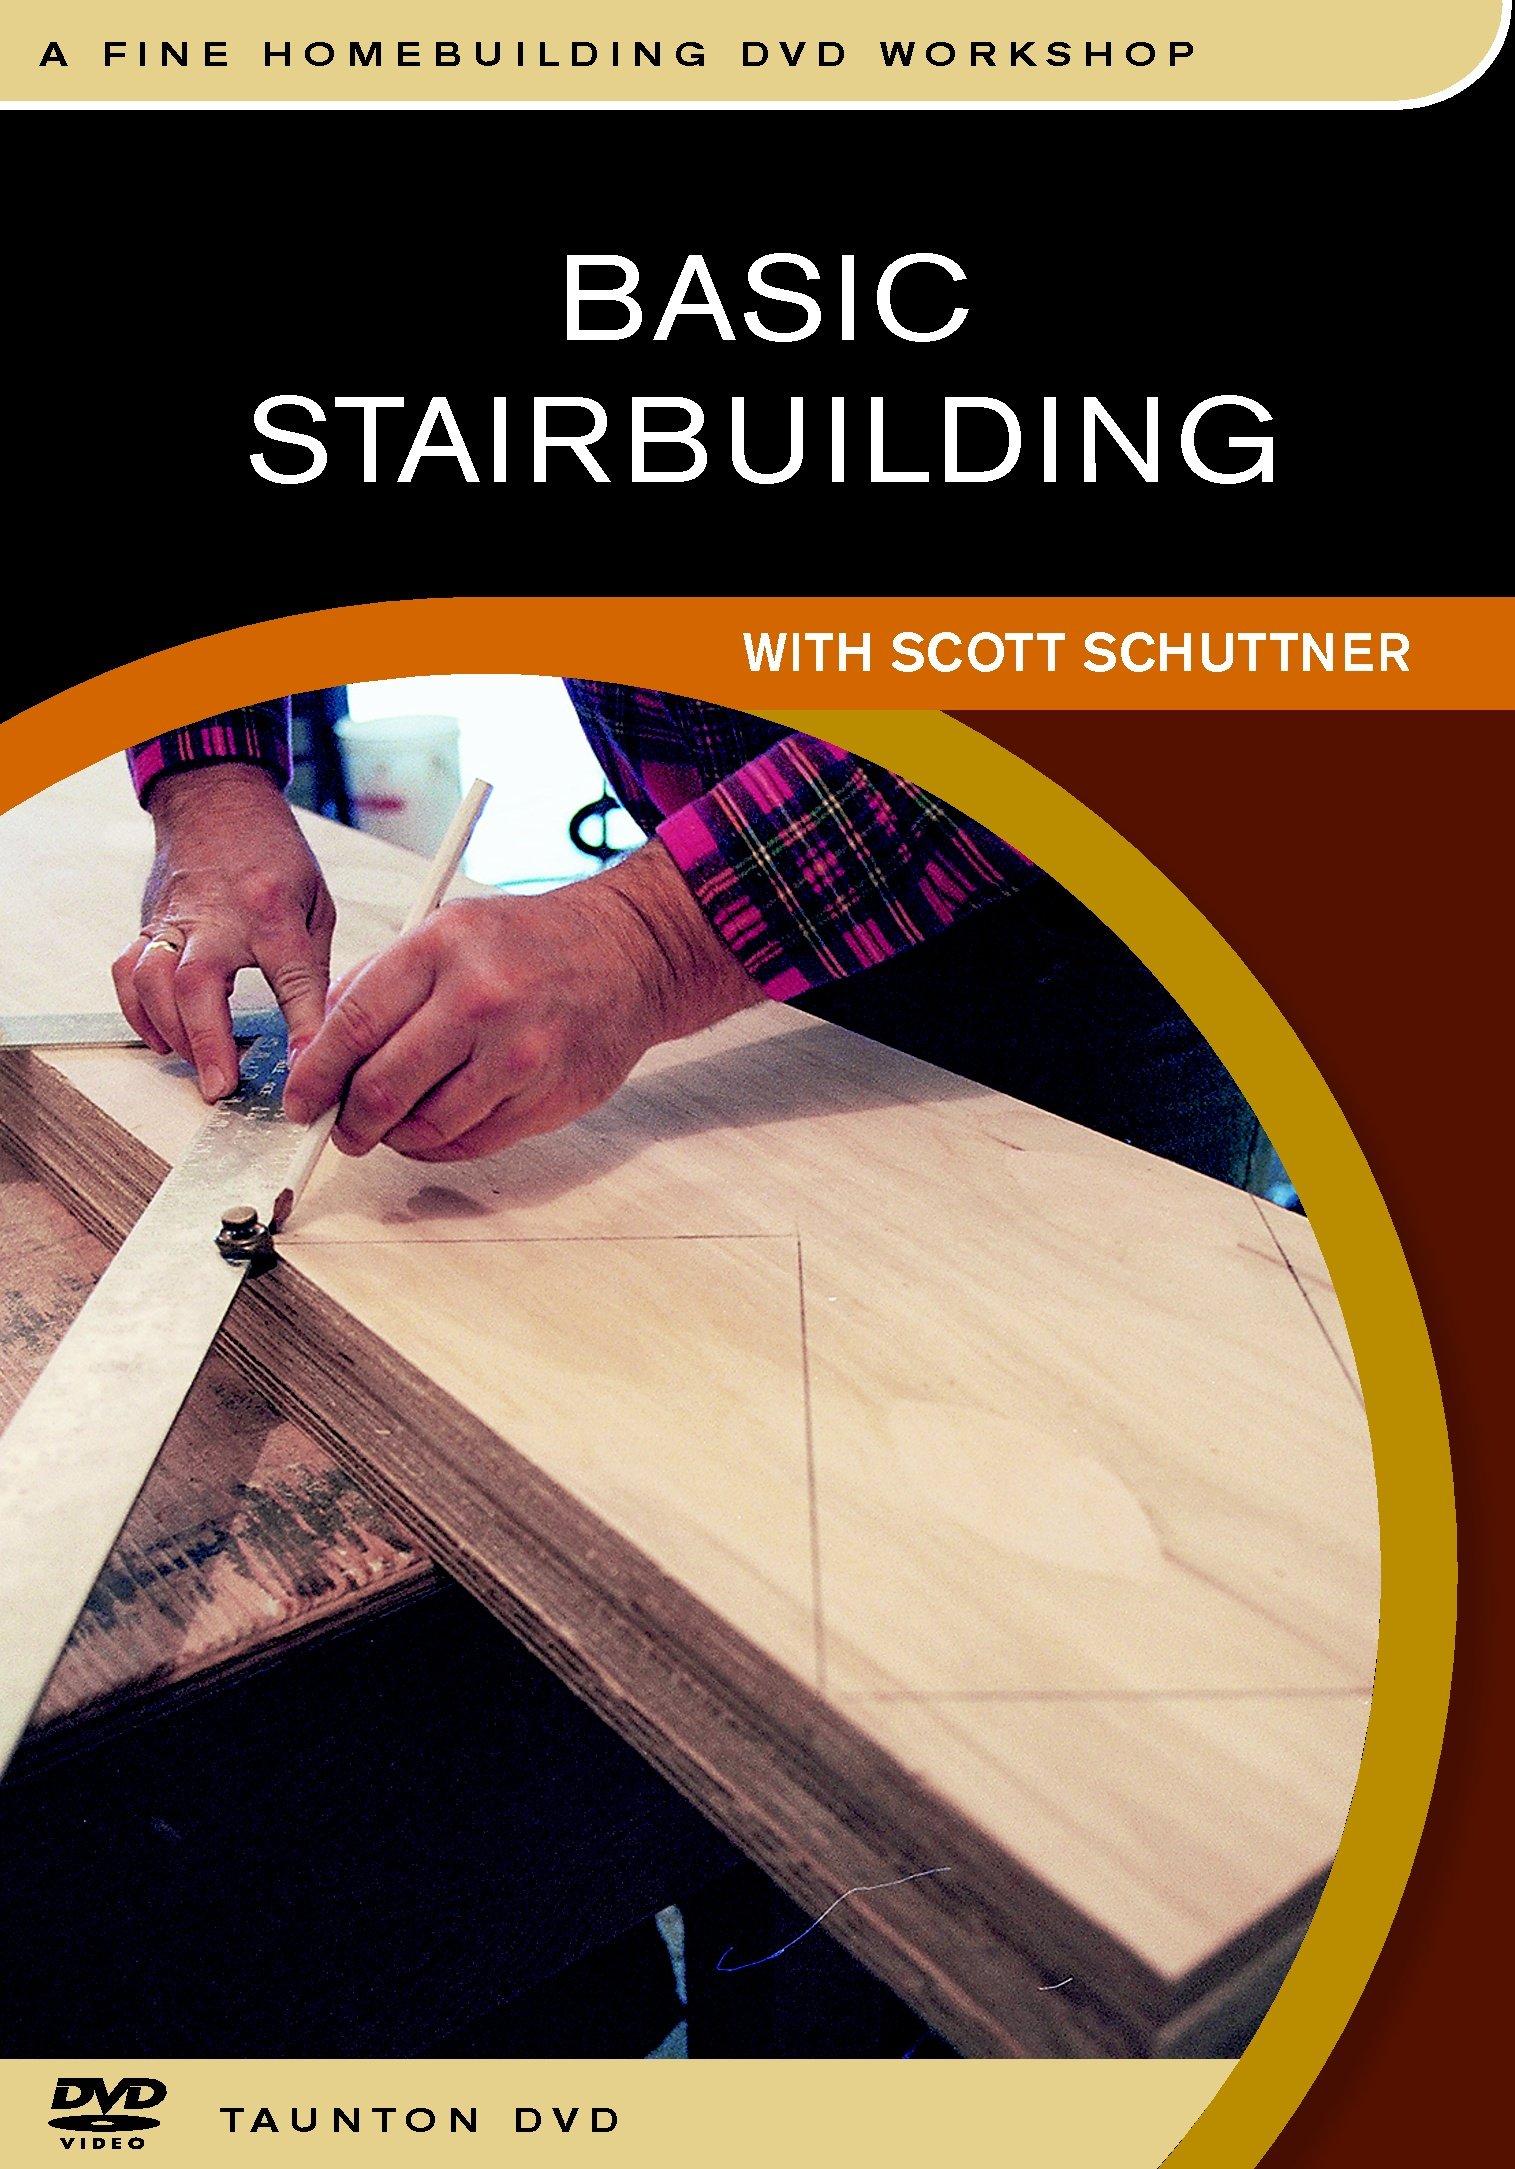 Basic Stairbuilding: with Scott Schuttner